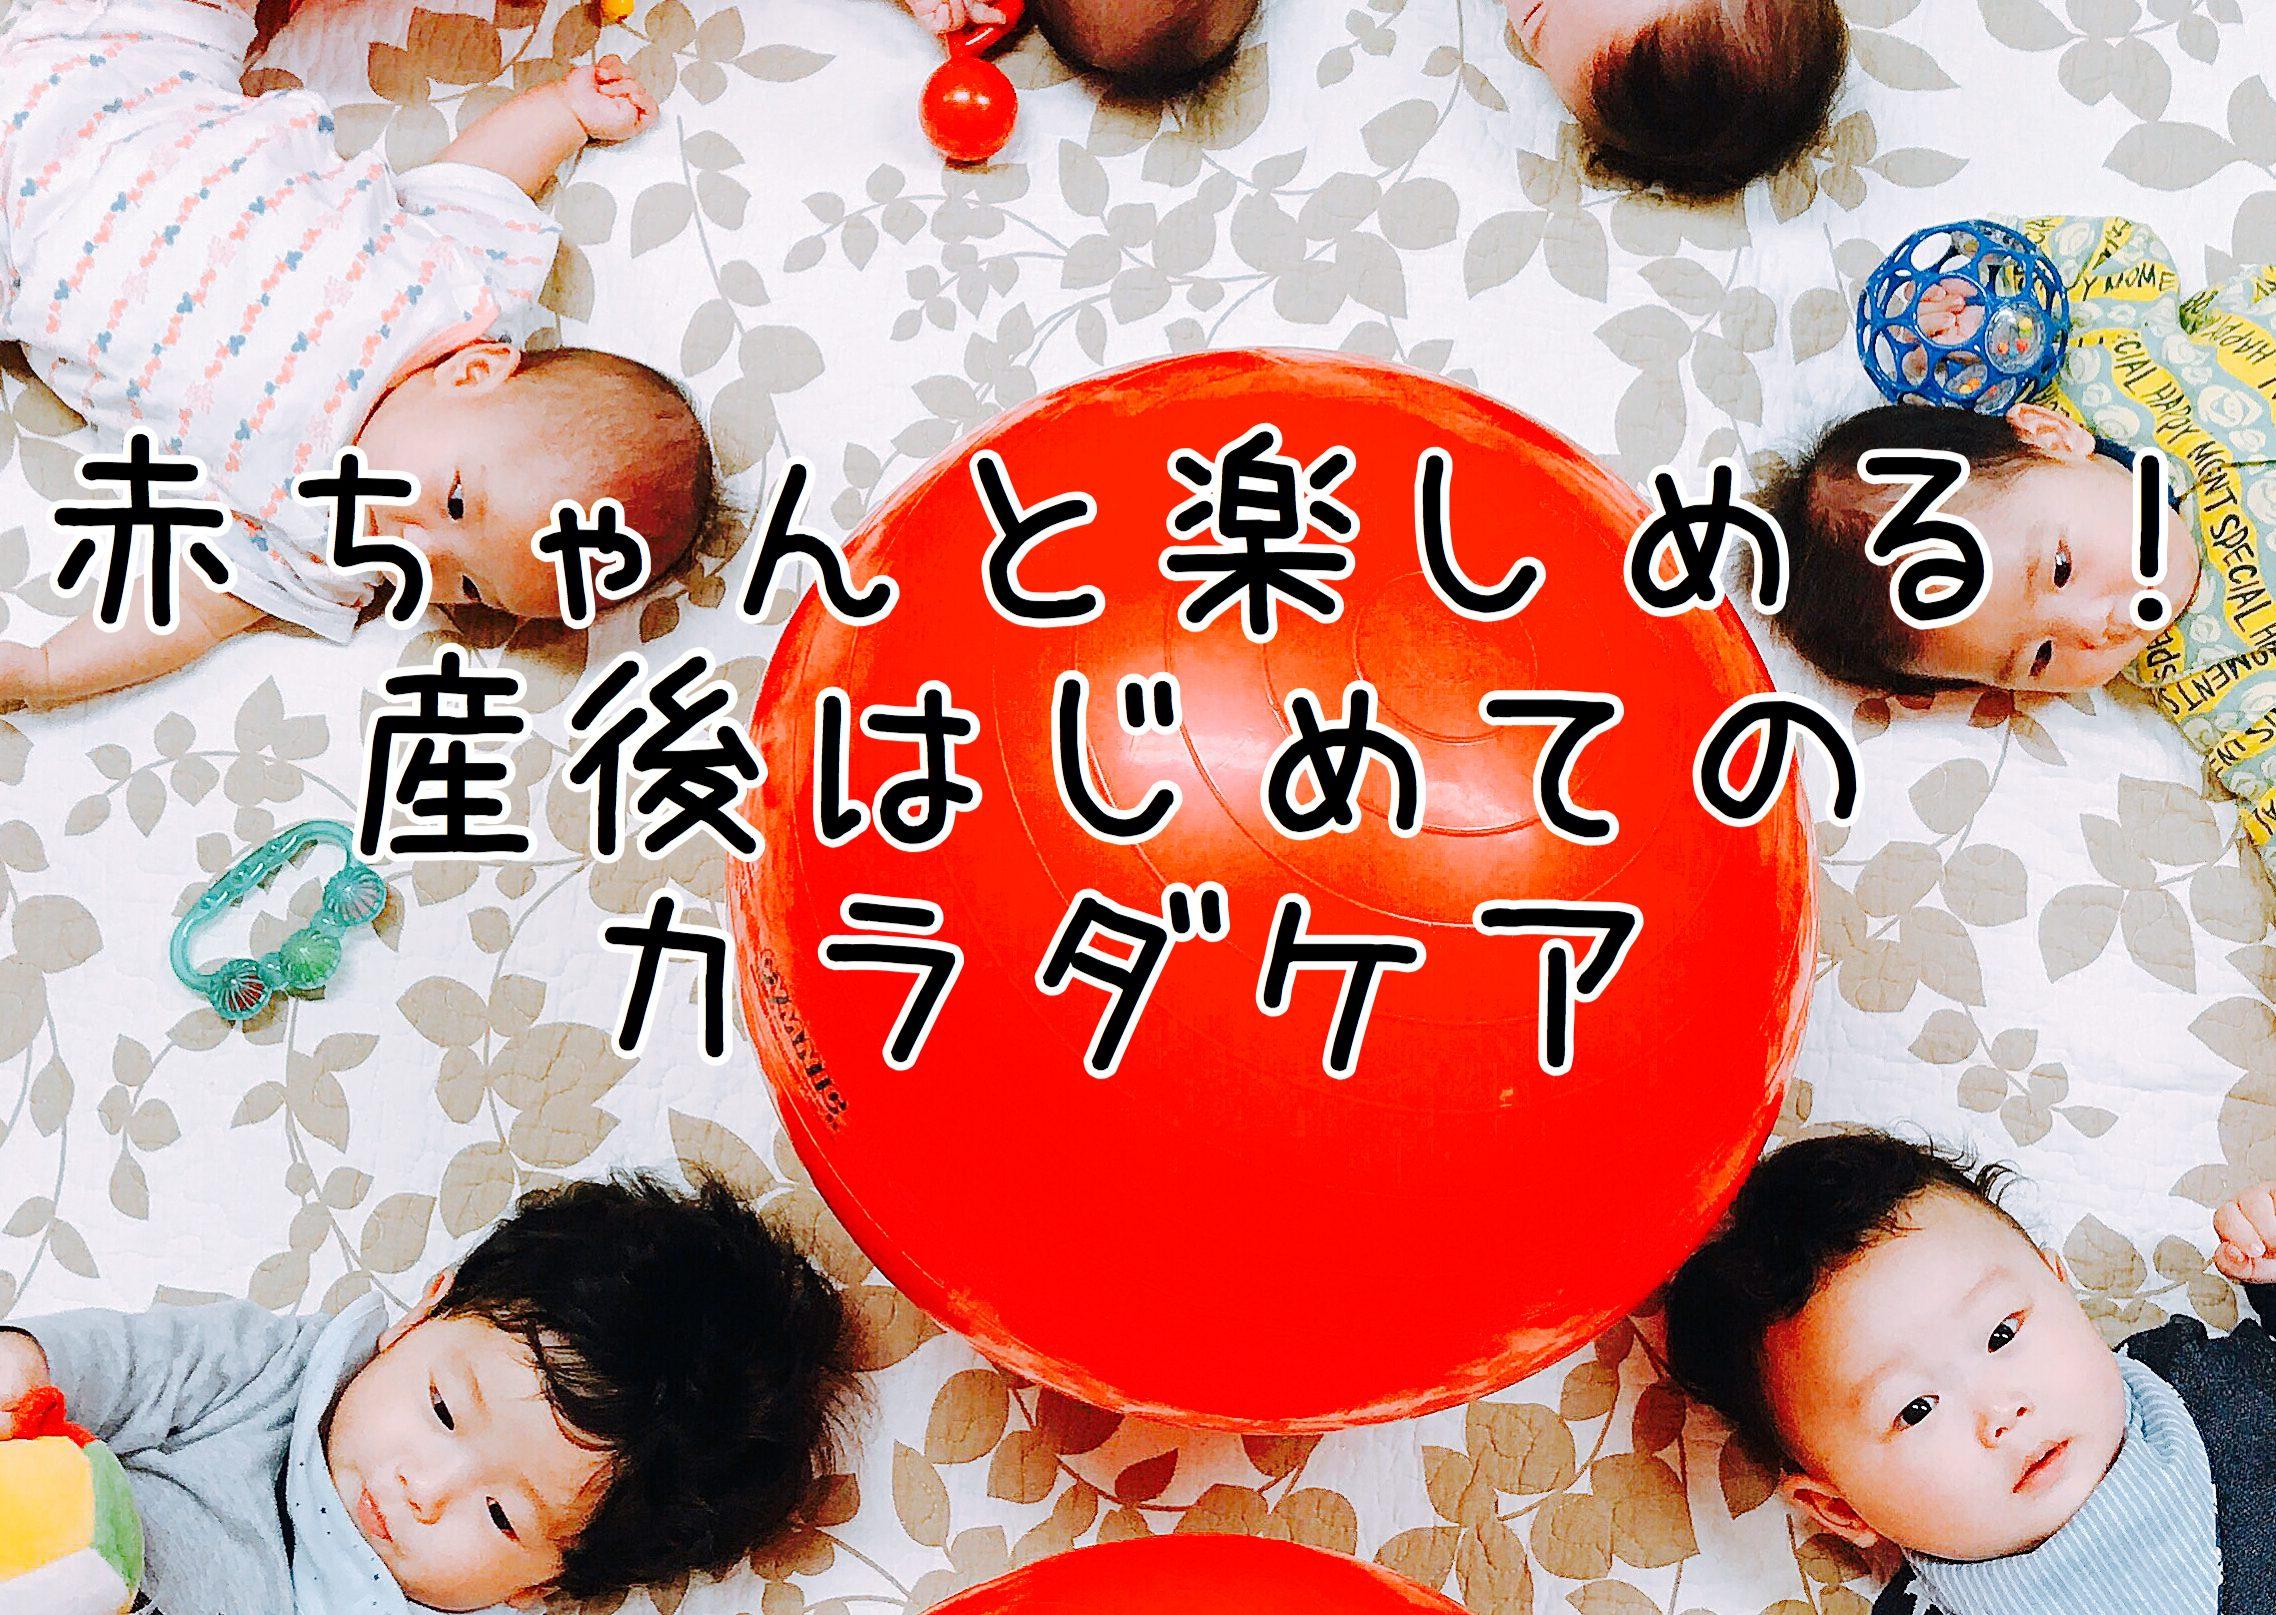 長岡市 【 産後ケアハウスねんねこ 】開催!「赤ちゃんと楽しめる!産後はじめてのカラダケア講座」受付中!